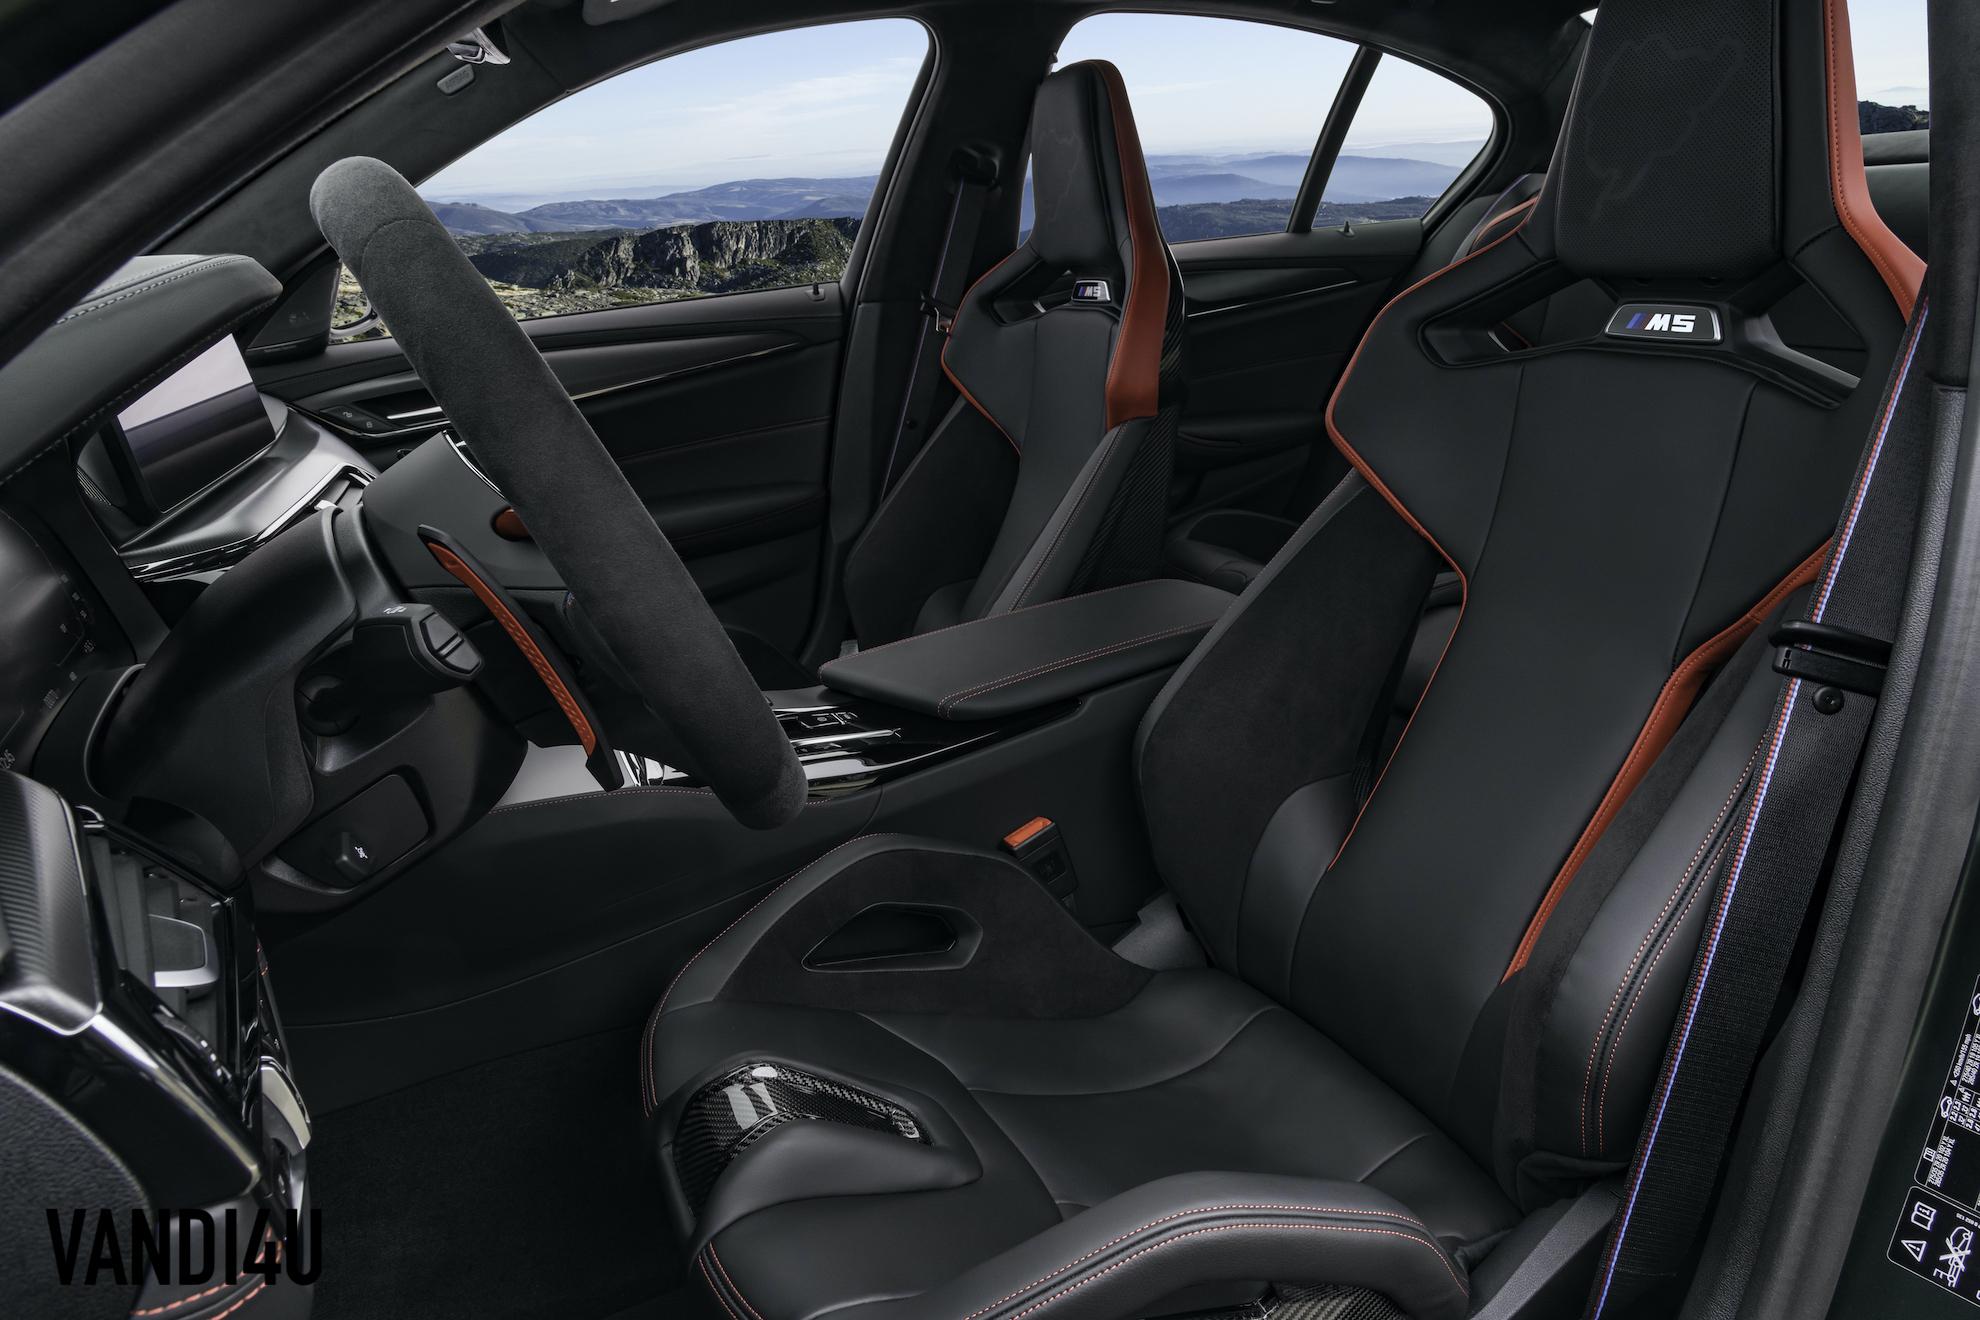 BMW M5 CS: Top 6 things to know | Vandi4u